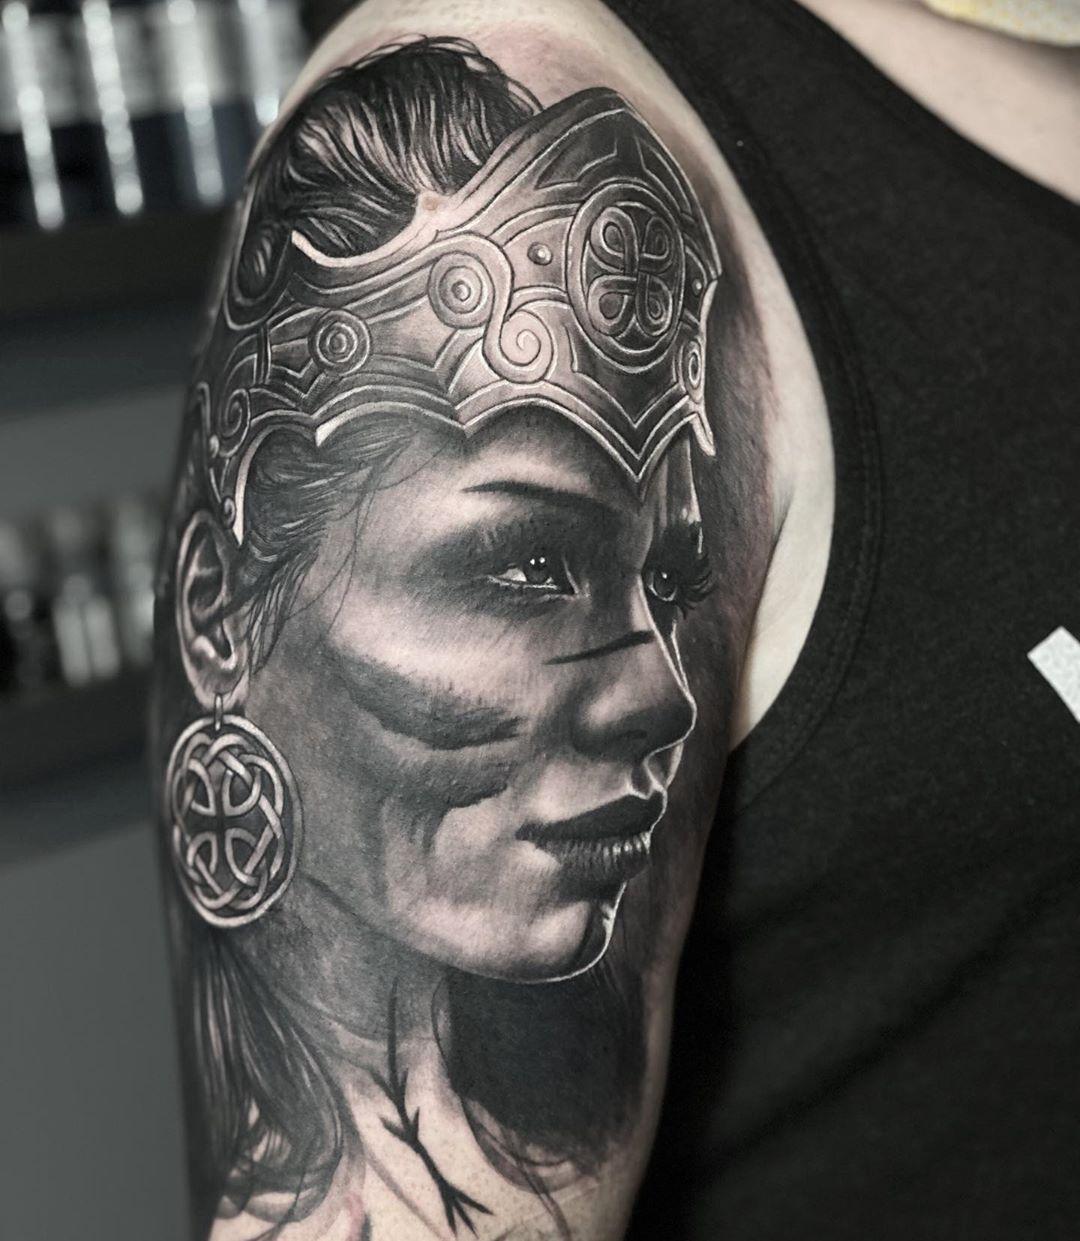 """Tamas Dikac on Instagram: """"Today's fun . . #norse #tattoo #art #realism #viking #vikingtattoo #realismtattoo #tattoorealistic #bngink #uktta #tattooist #spektraflux…"""""""